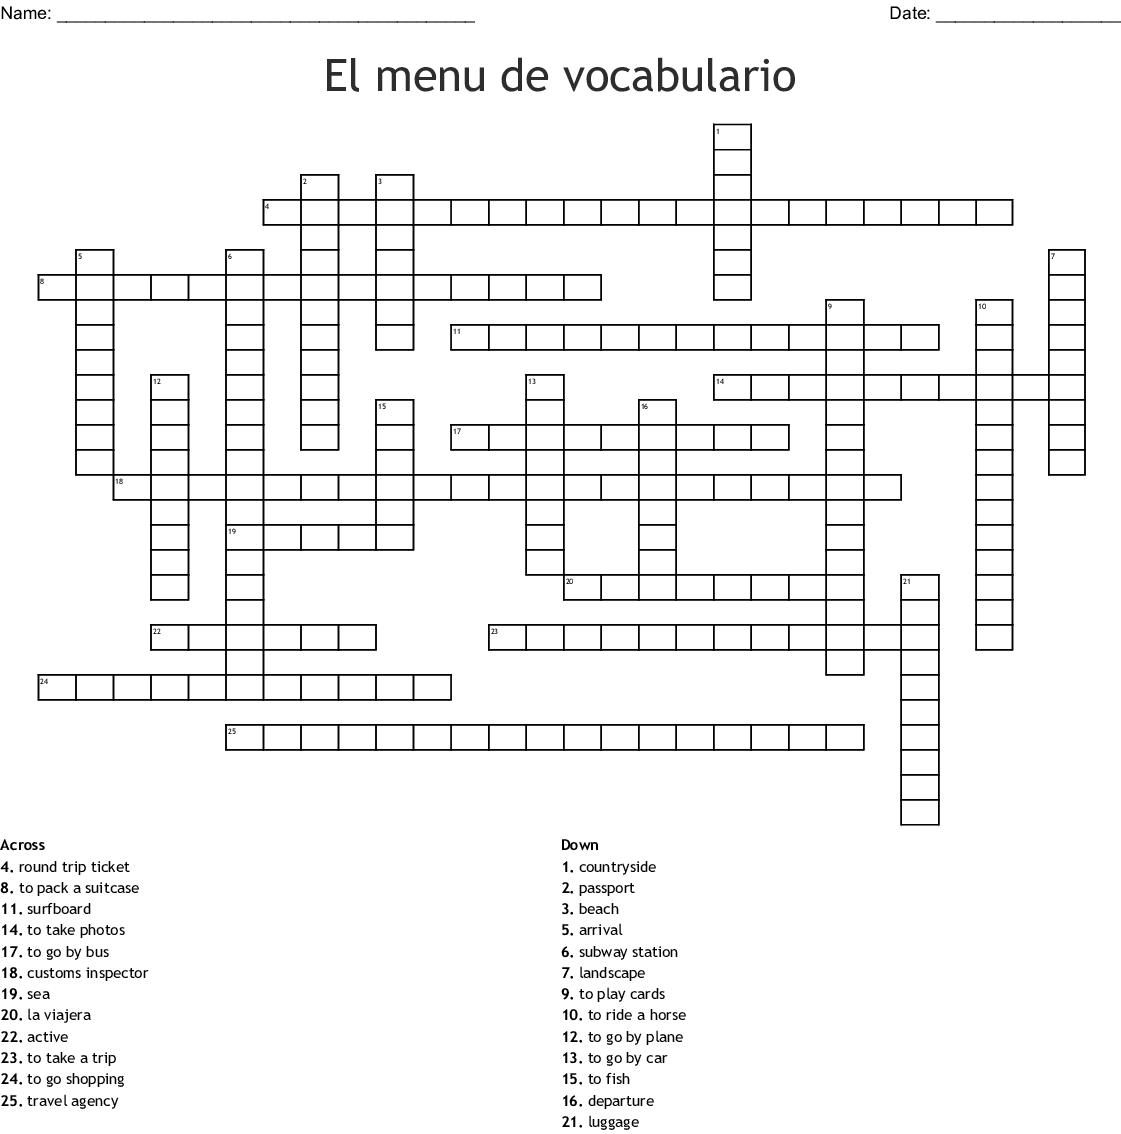 El Menu De Vocabulario Crossword